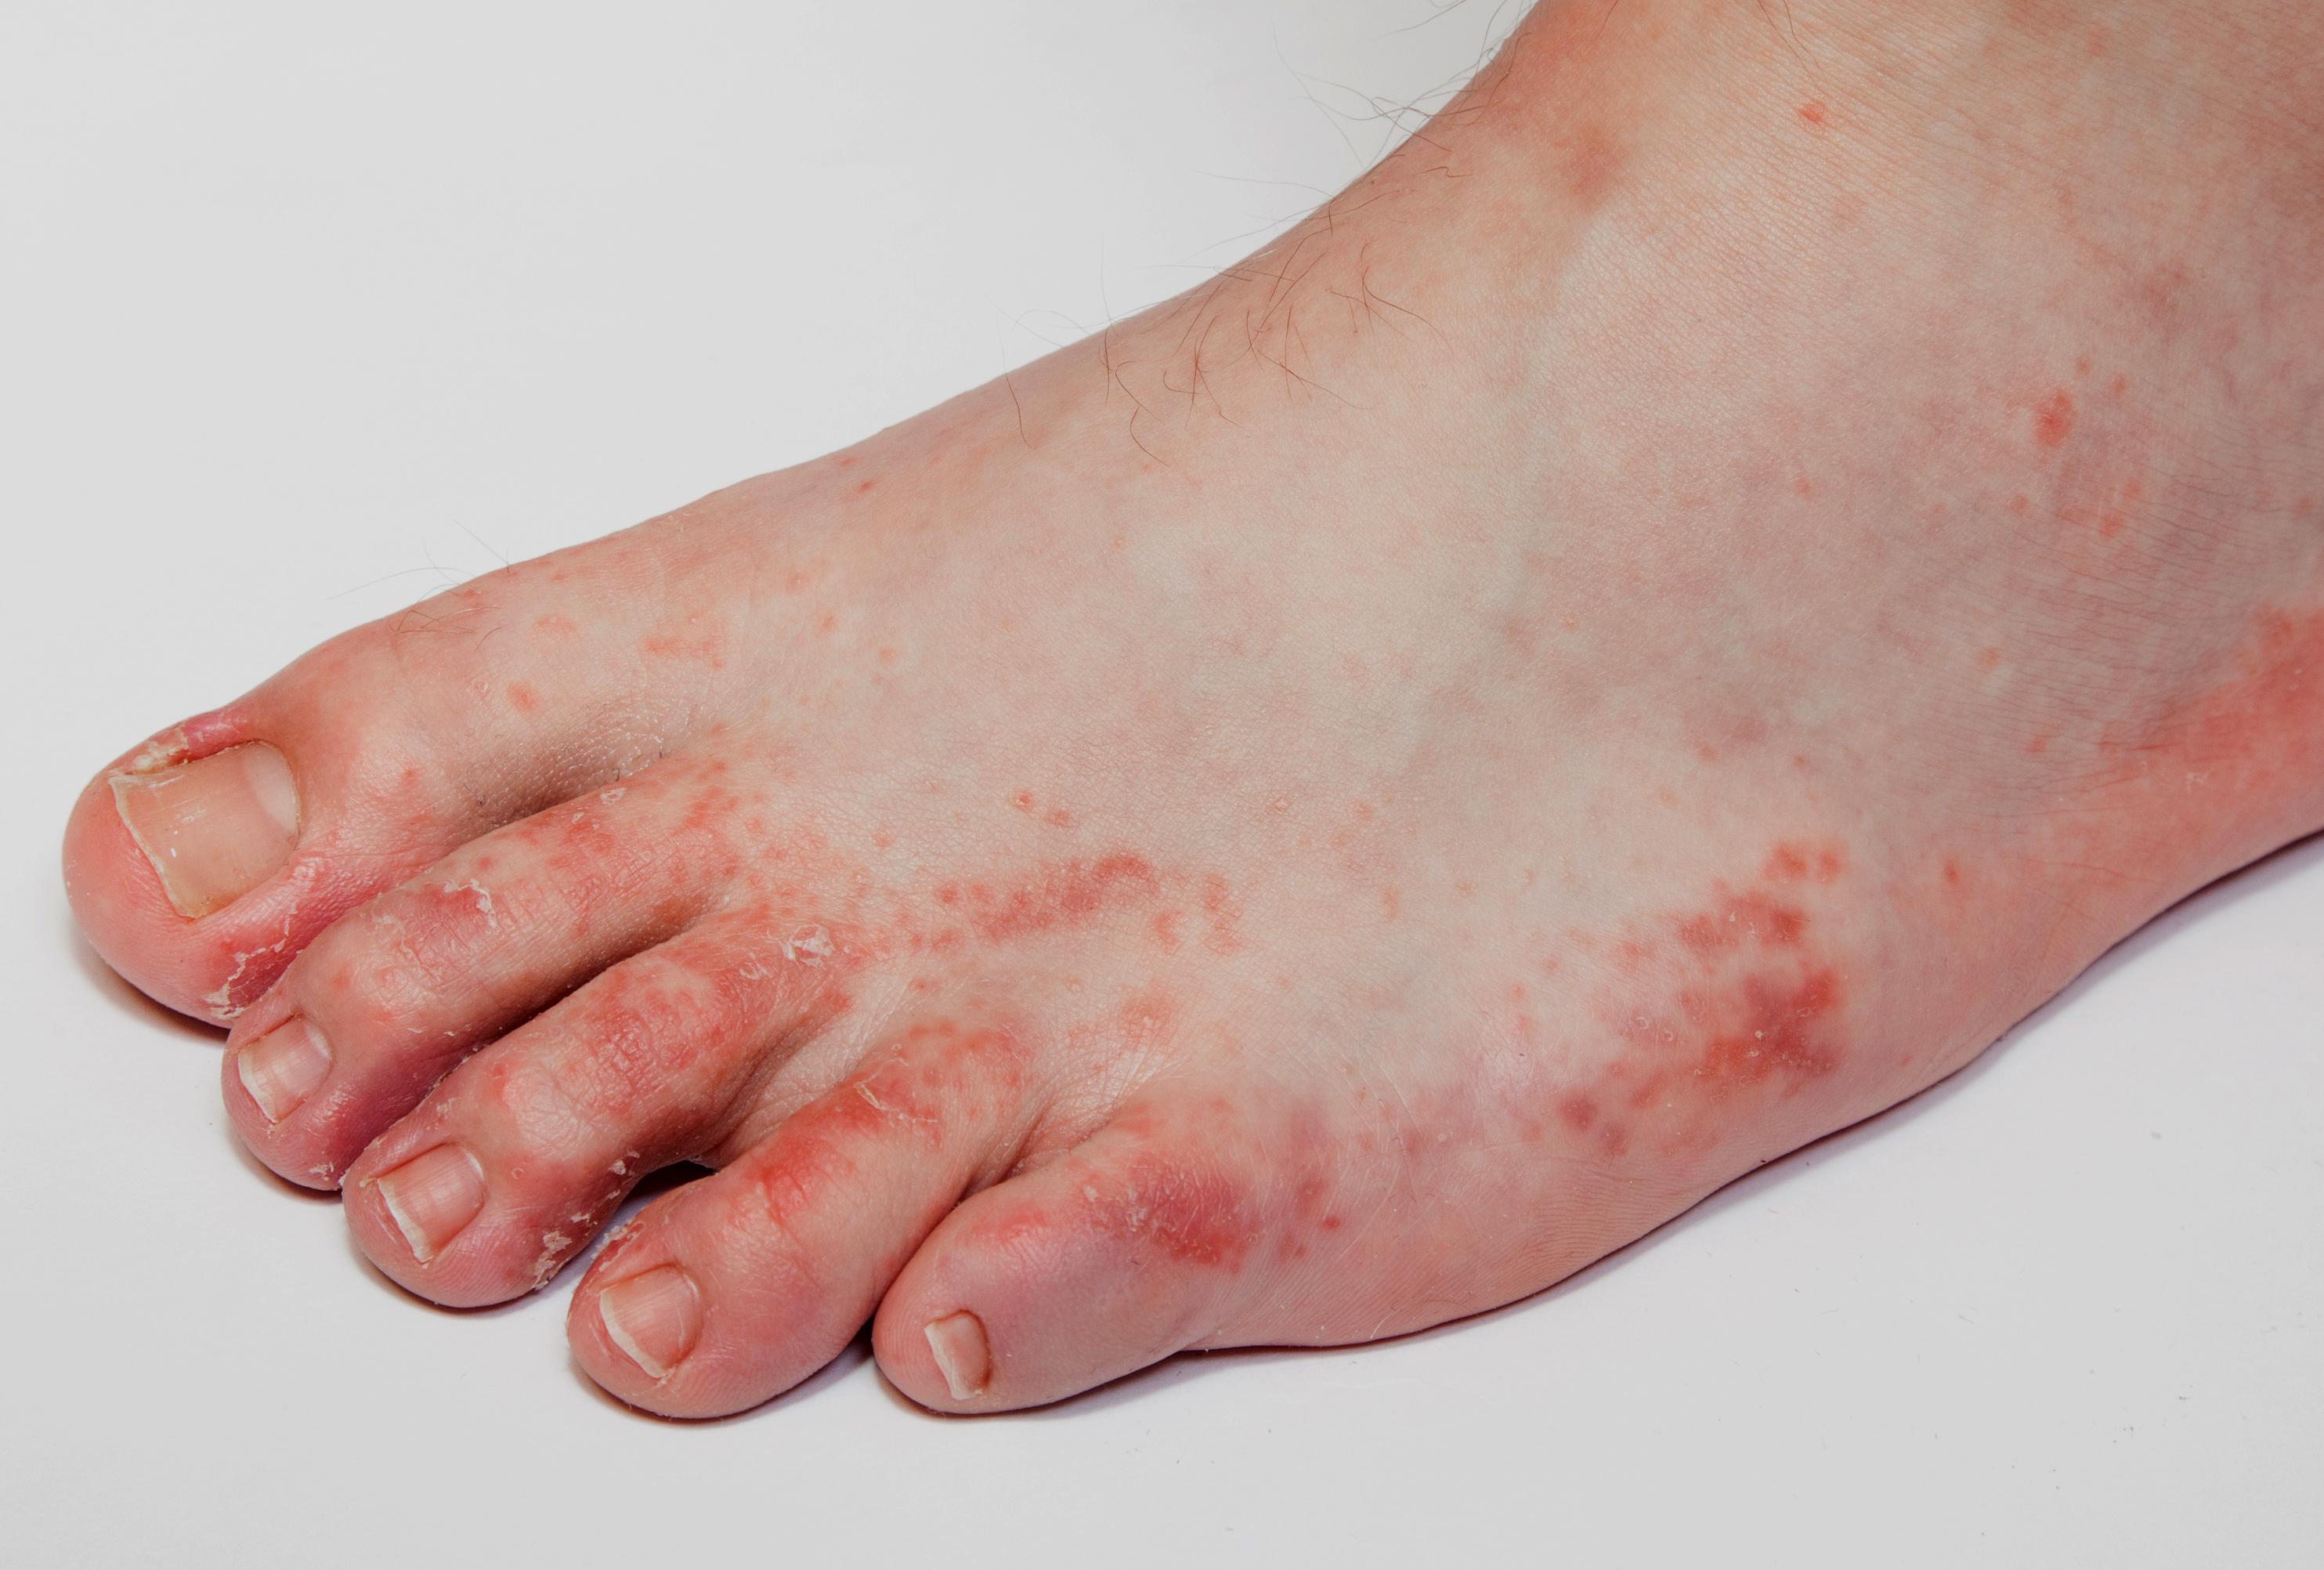 folt a lábán durva vörös